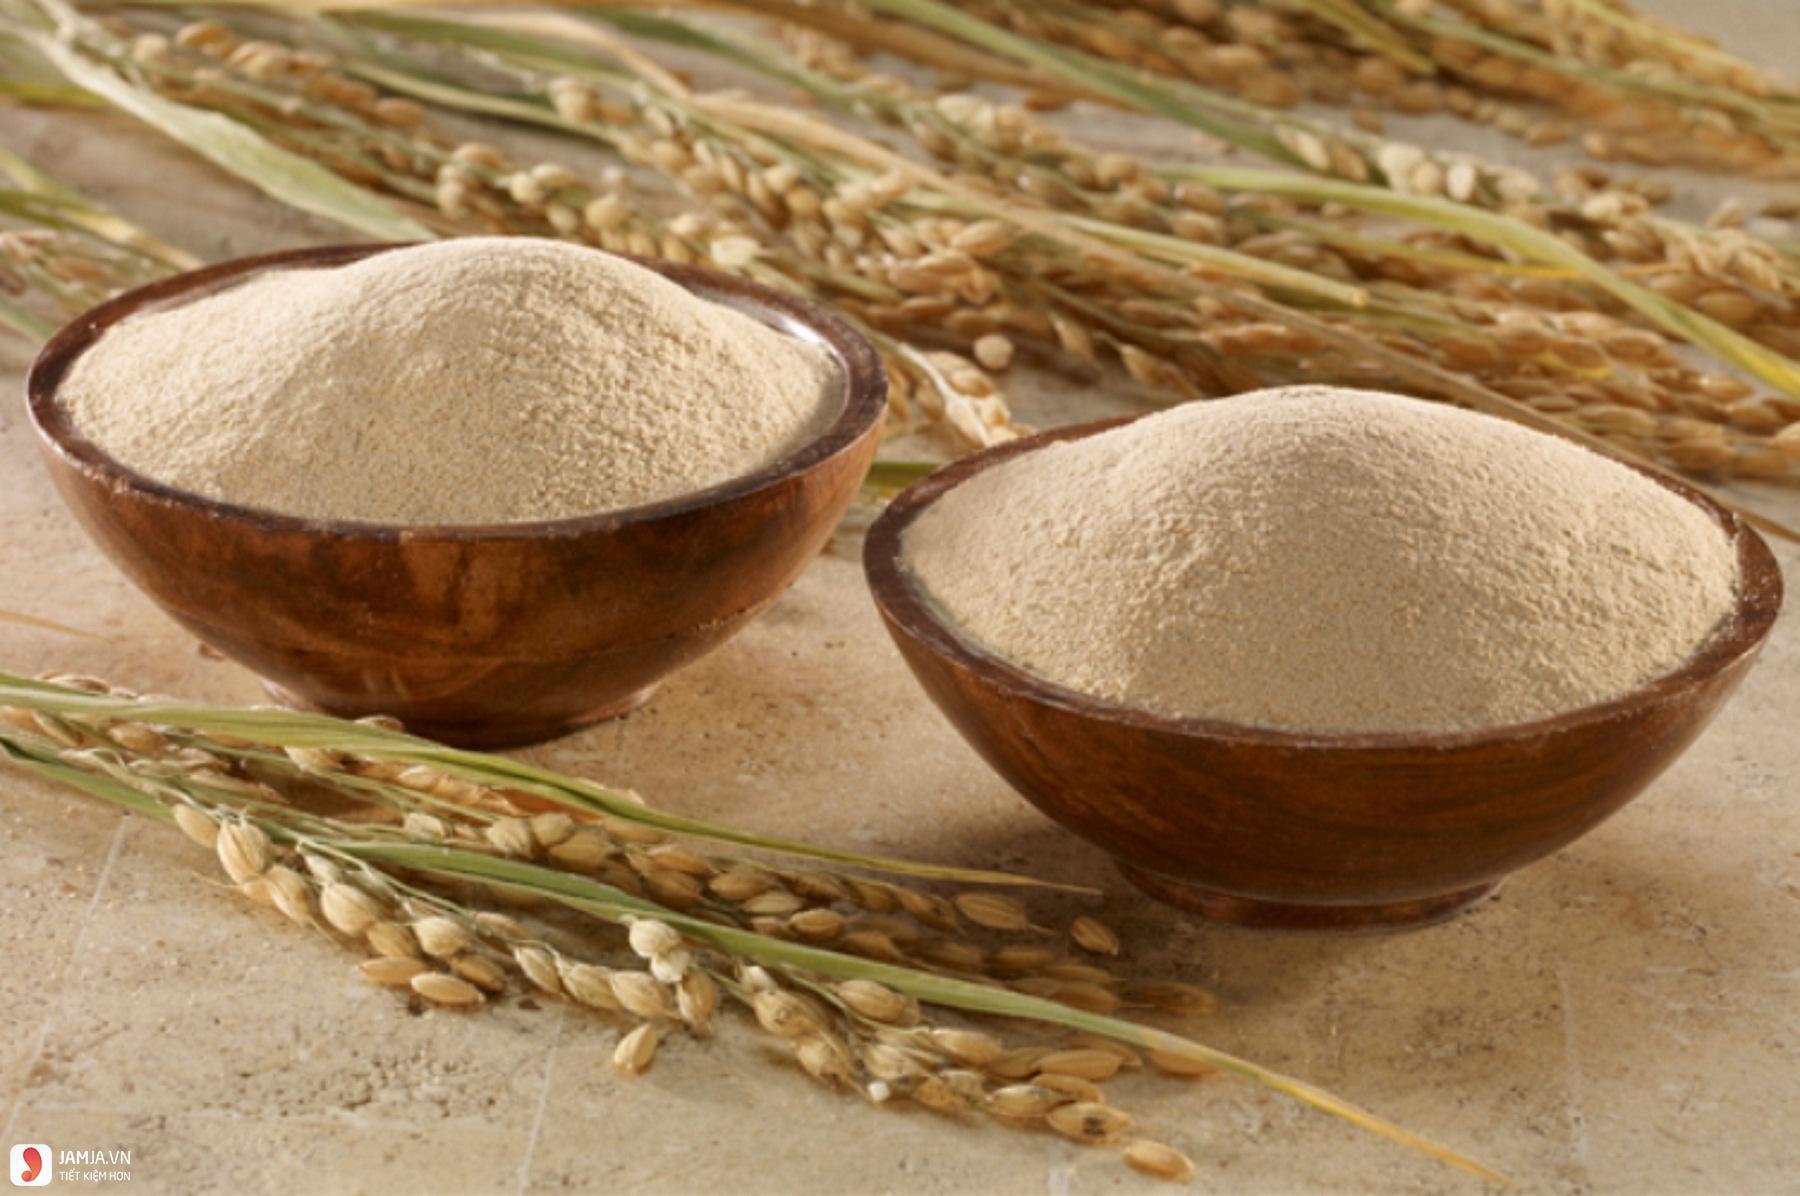 Kết quả hình ảnh cho Sử dụng cám gạo để thay thế sữa rửa mặt.